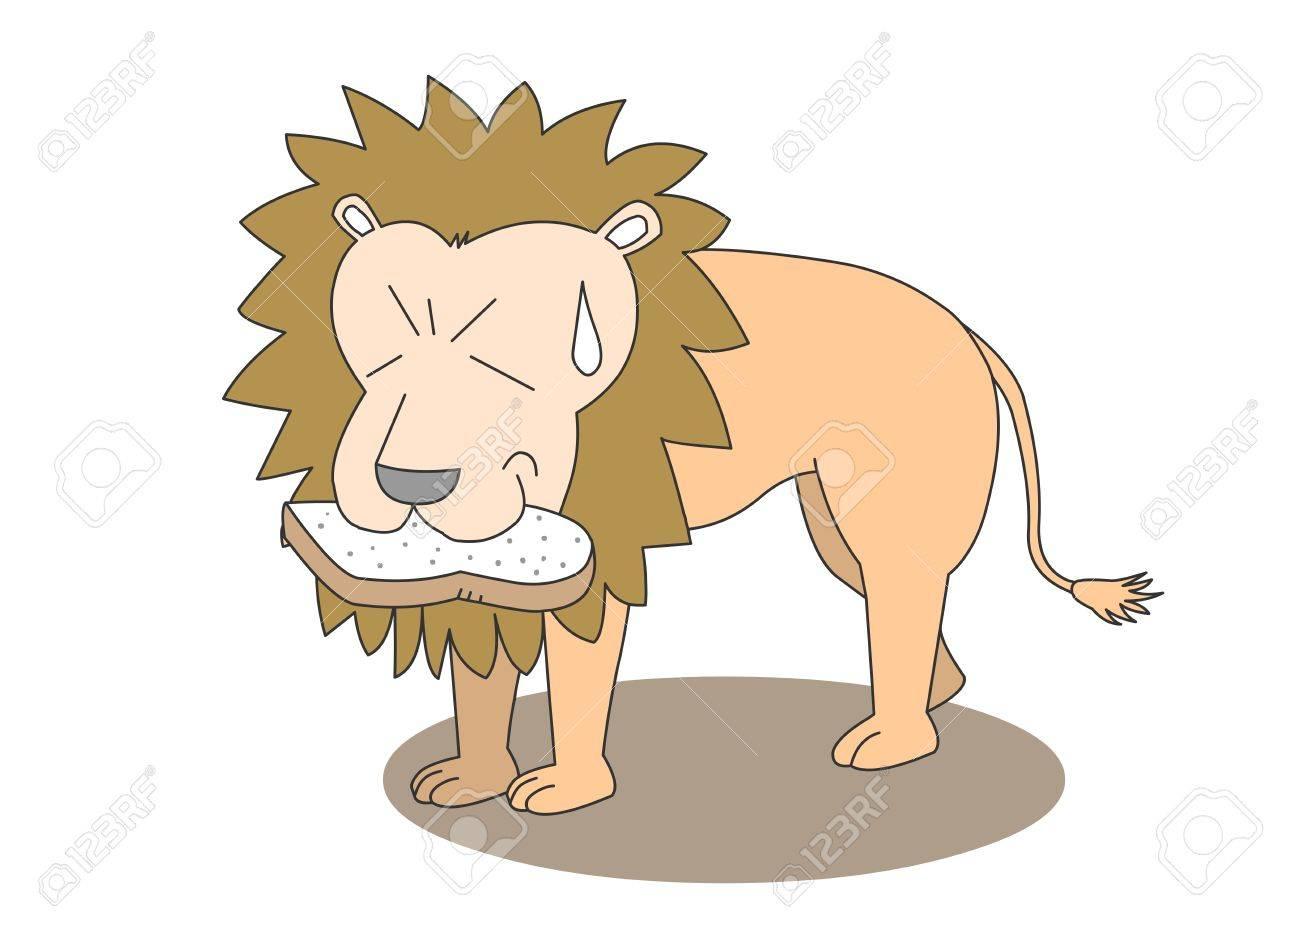 動物文字ベクトル イラスト-ライオン ロイヤリティフリークリップアート